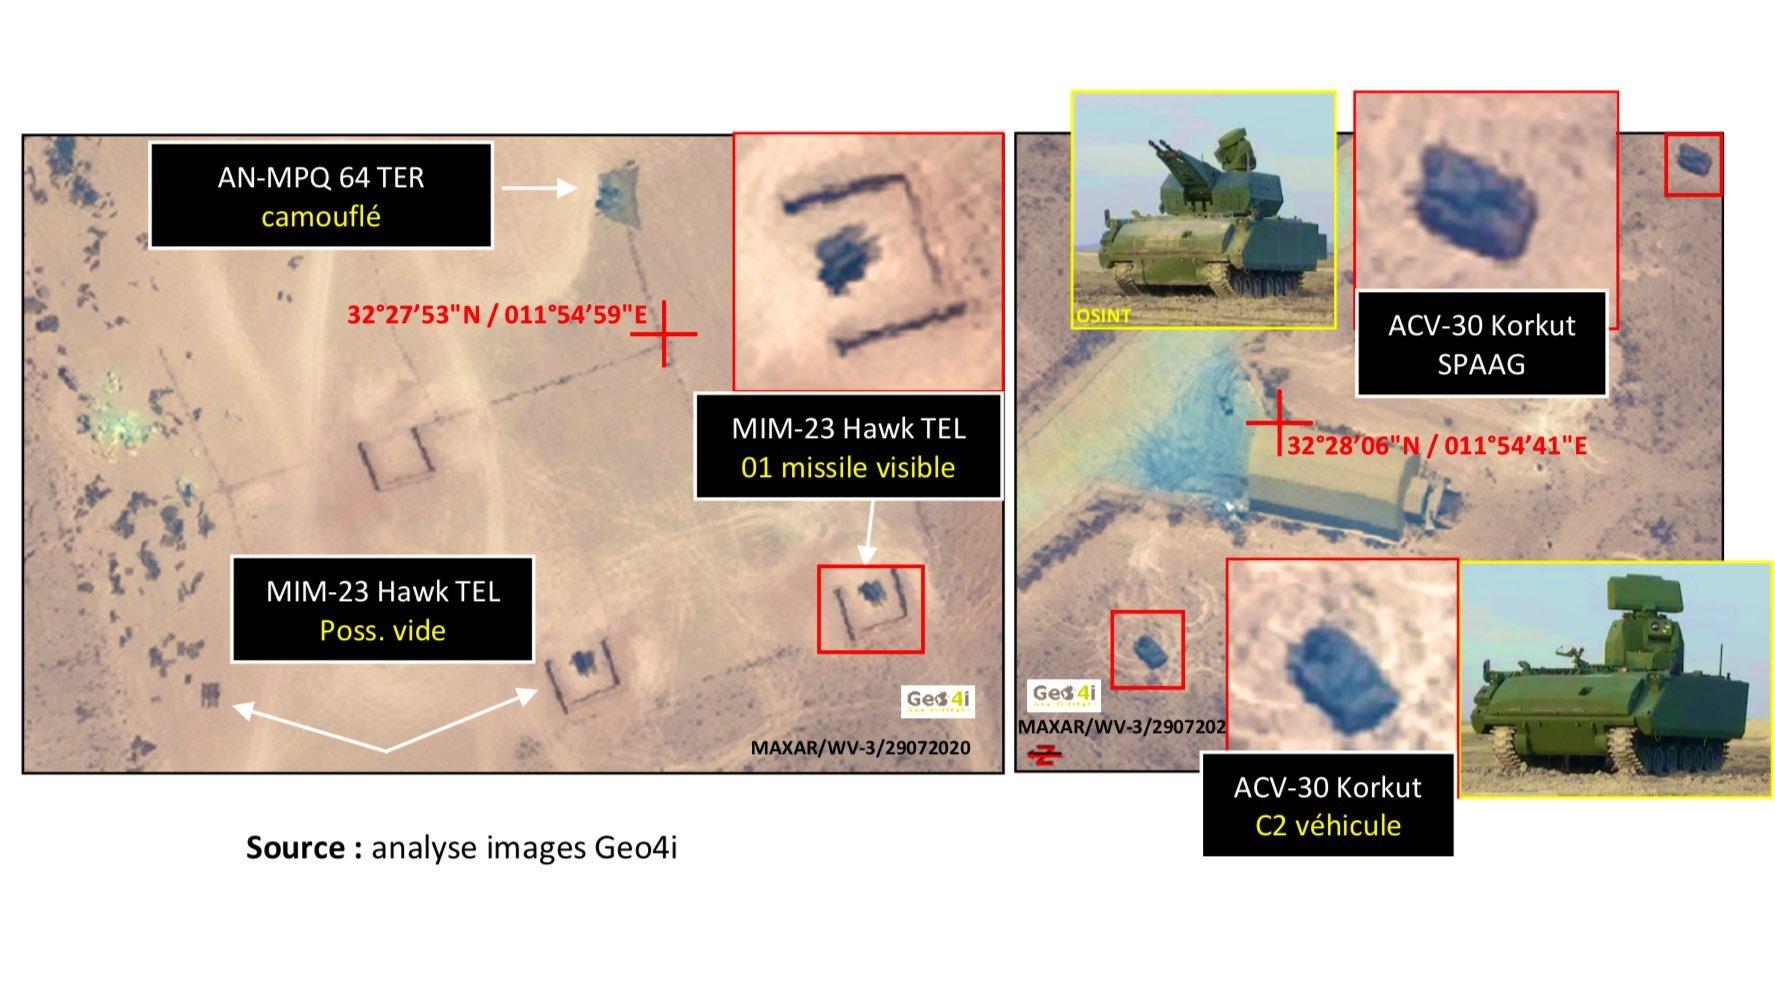 التطورات الميدانية اليومية في الشقيقة ليبيا  - صفحة 41 EfOPnxKXgAAtcS0?format=jpg&name=large